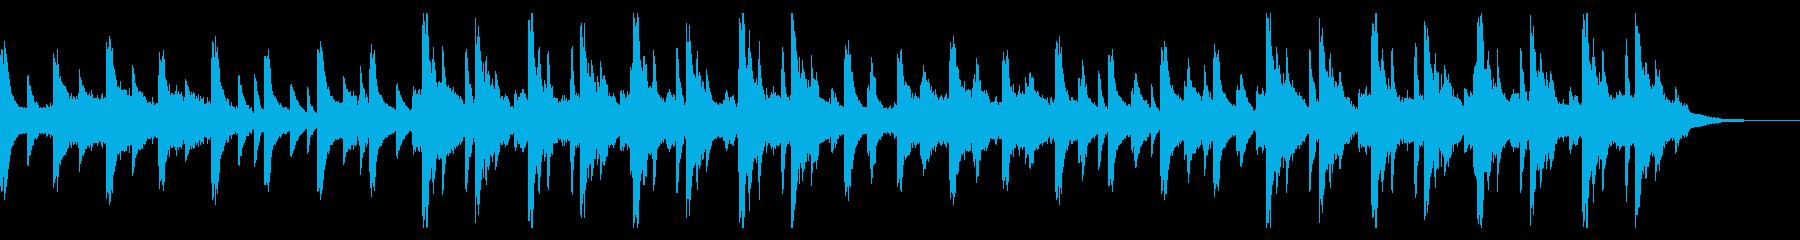 お洒落なピアノ&オーケストラ(TVCM)の再生済みの波形